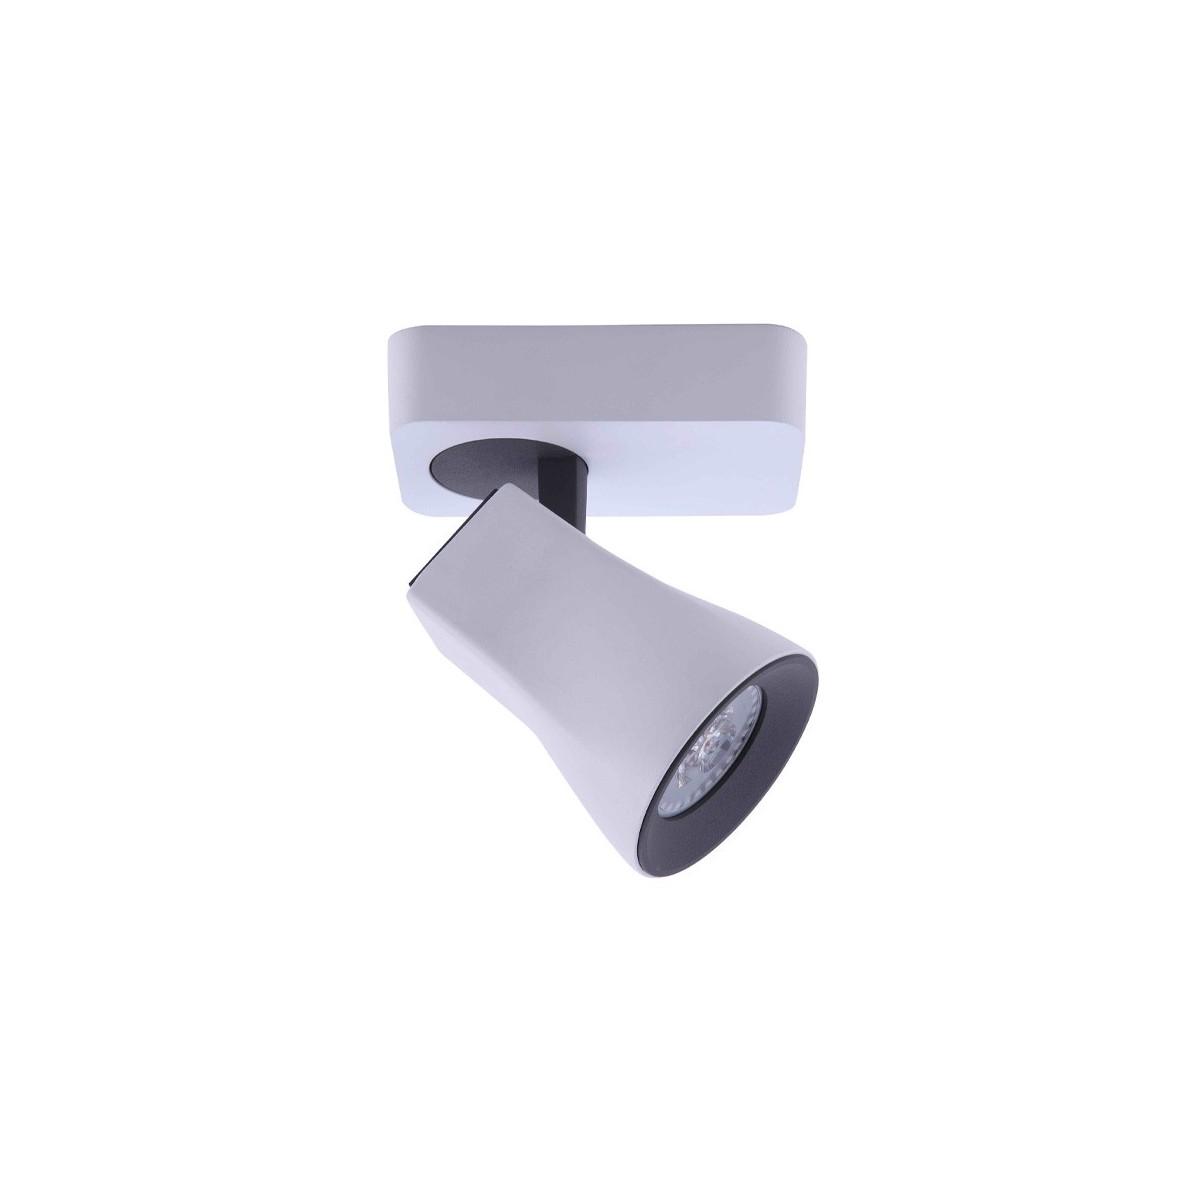 Foco-Regleta Aspe (1 x GU10)